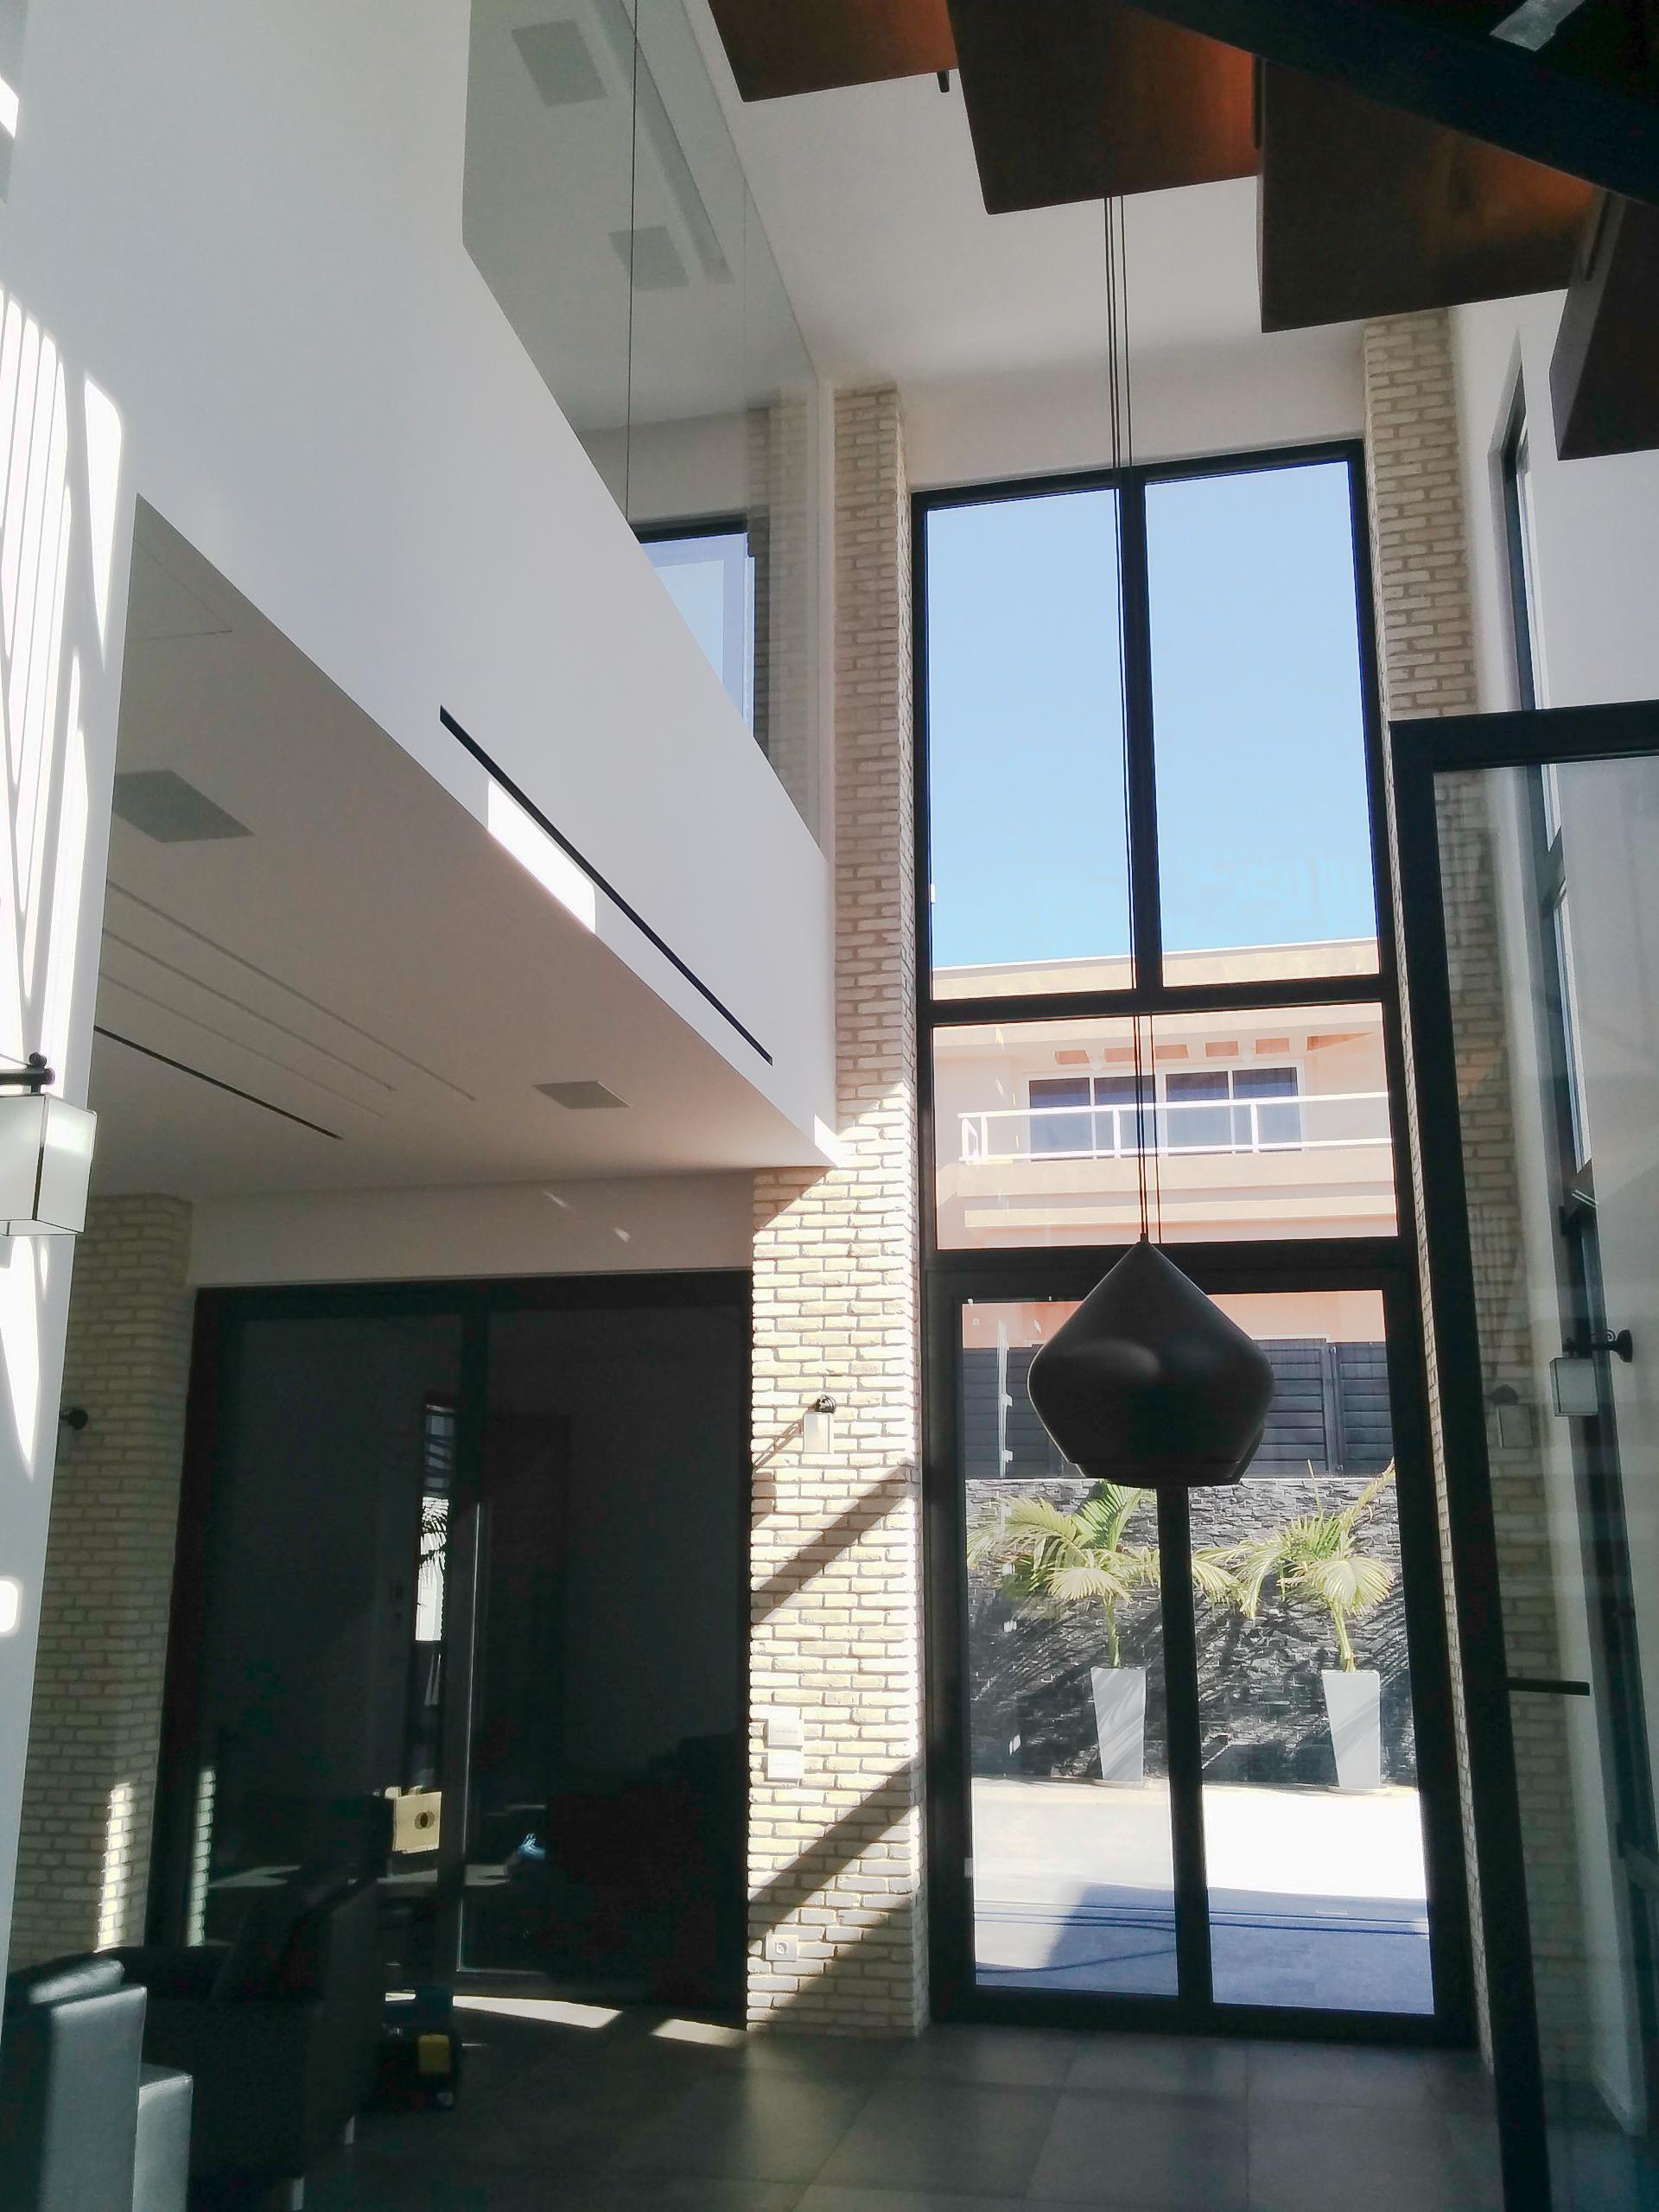 עיצוב בית פרטי חלונות גבוהים